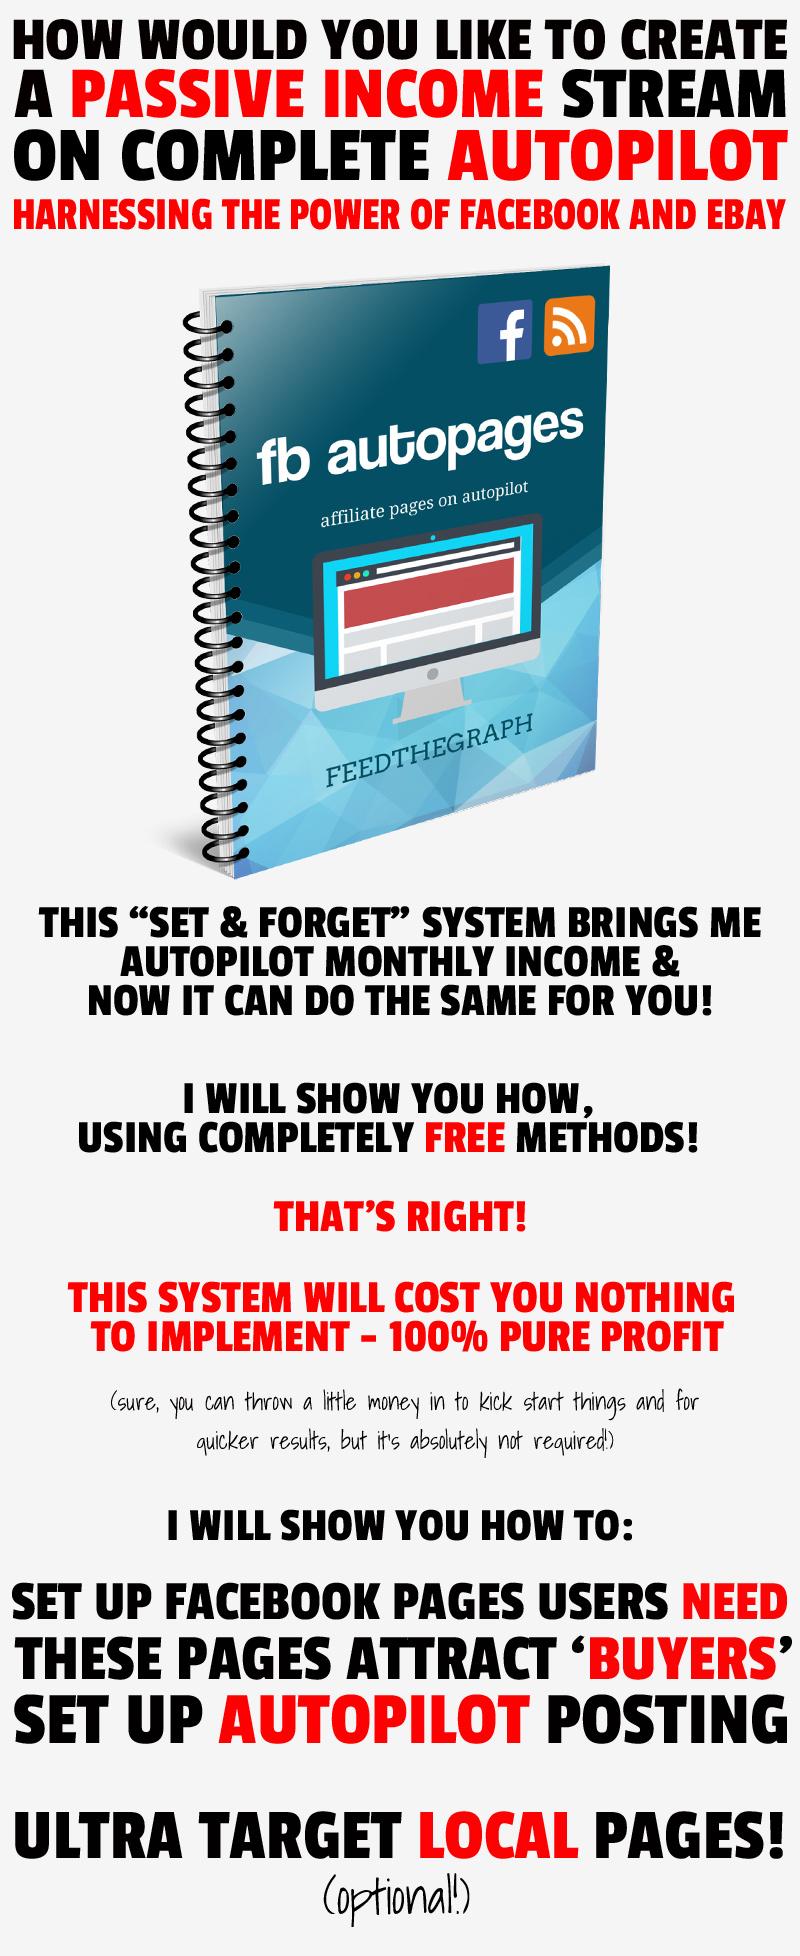 教你如何创建一个被动收入流,完全自动运营利用Facebook和Ebay的力量!(Facebook Auto Pages)